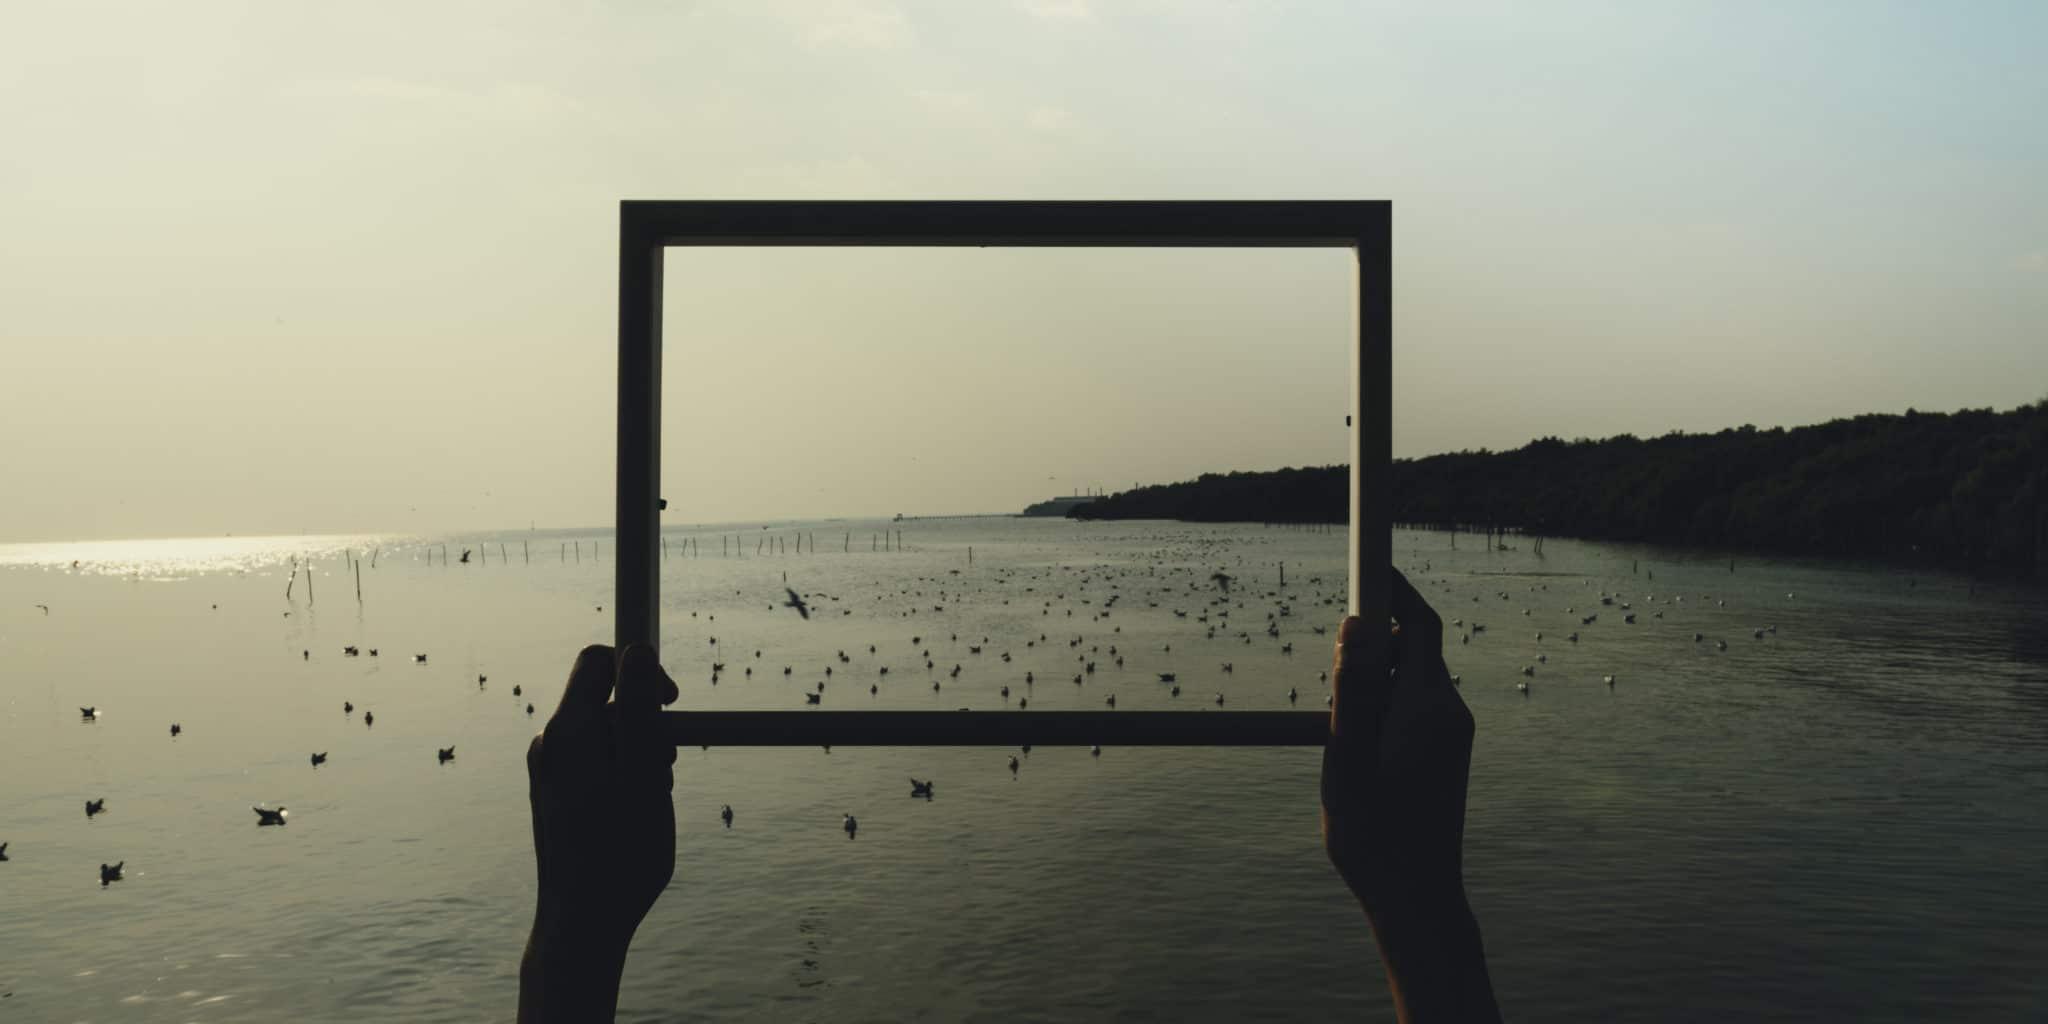 bord-de-mer-dans-un-cadre-_158934319-scaled Apprendre à travailler sa  créativité